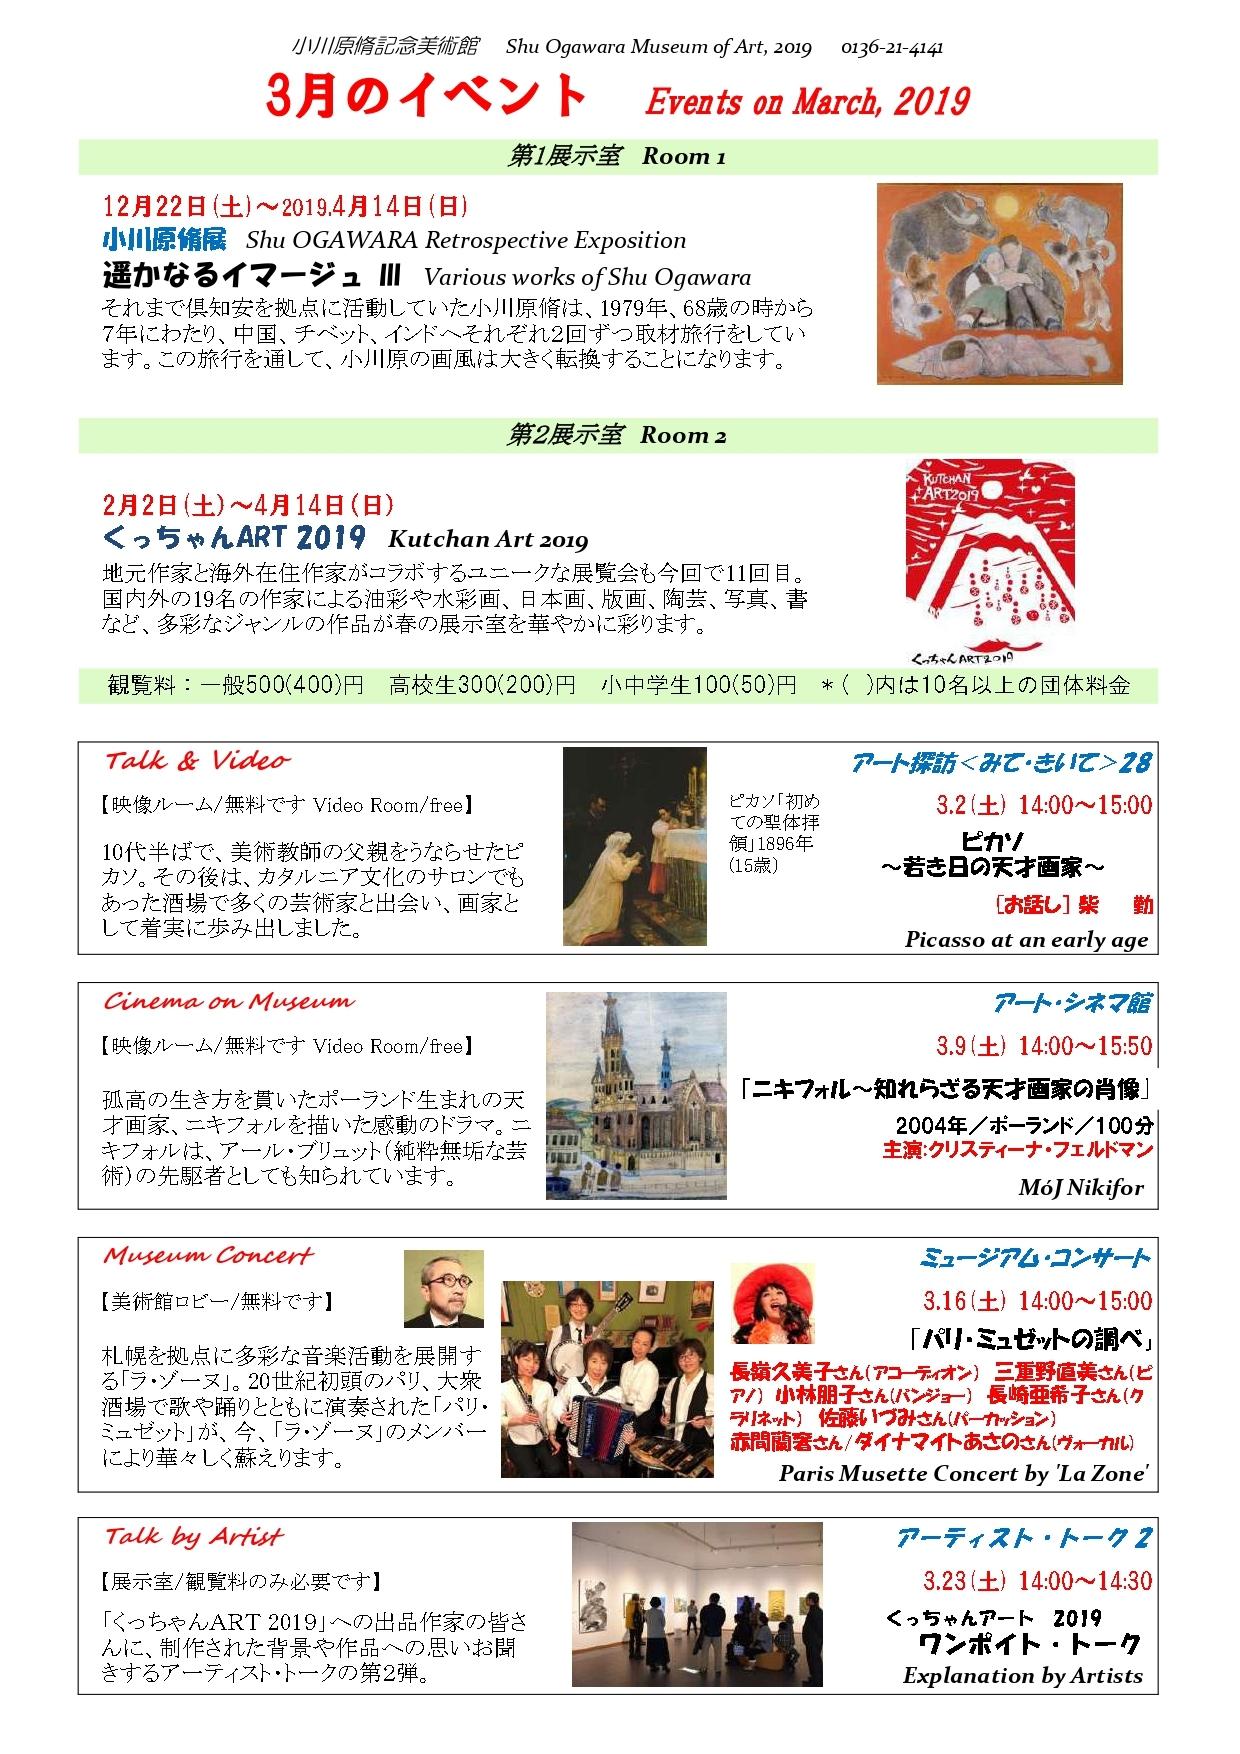 201903詳細―小川原脩記念美術館 Compressed